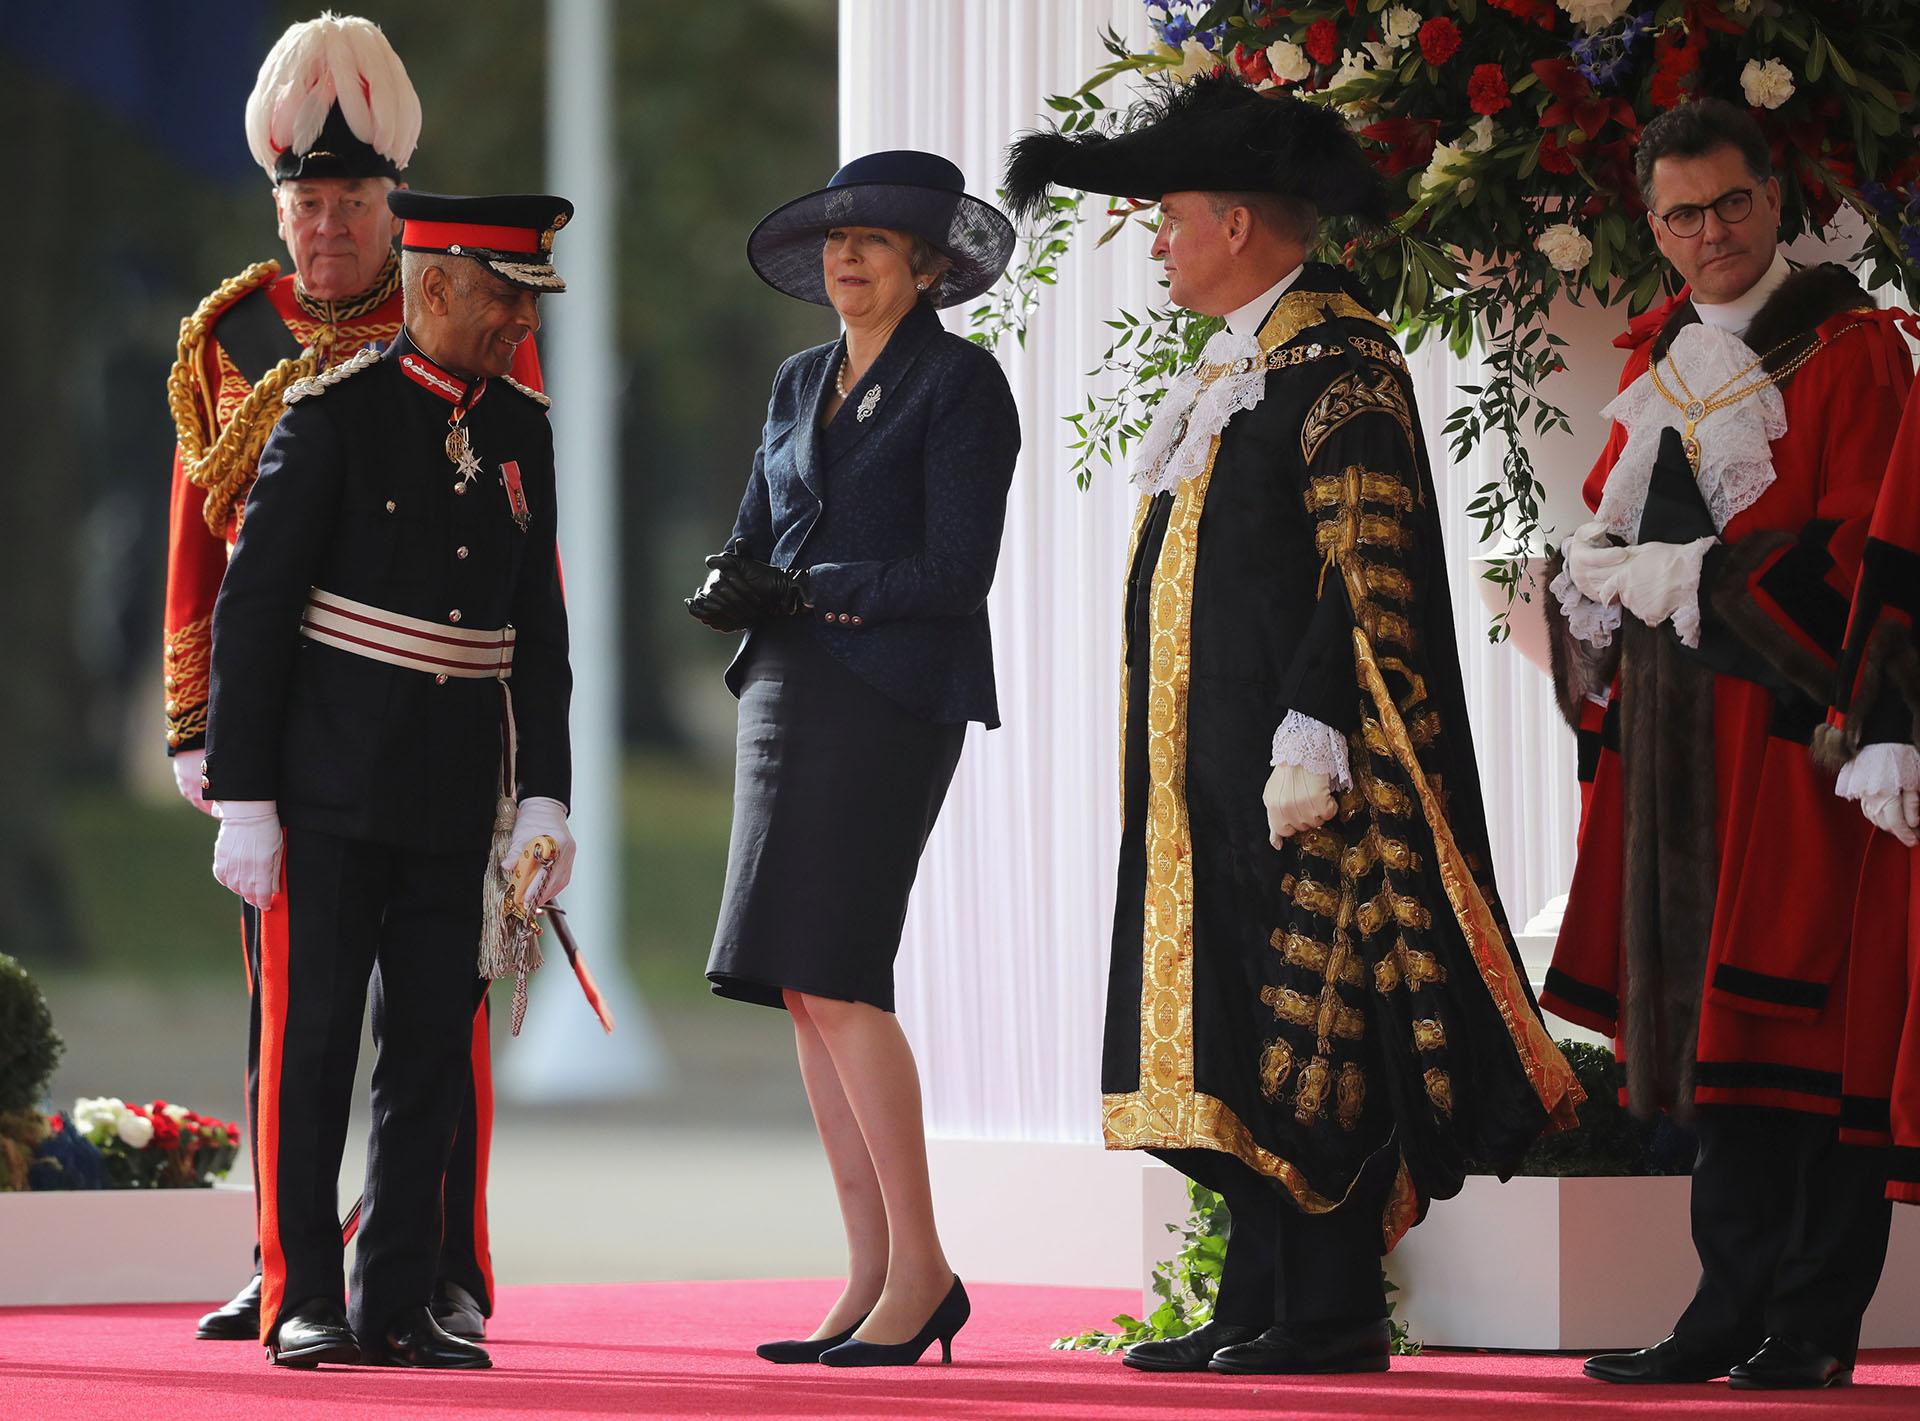 La primer ministraTheresa May también participó de la ceremonia. En las próximas horas tendrá un encuentro privado con los reyes de Holanda